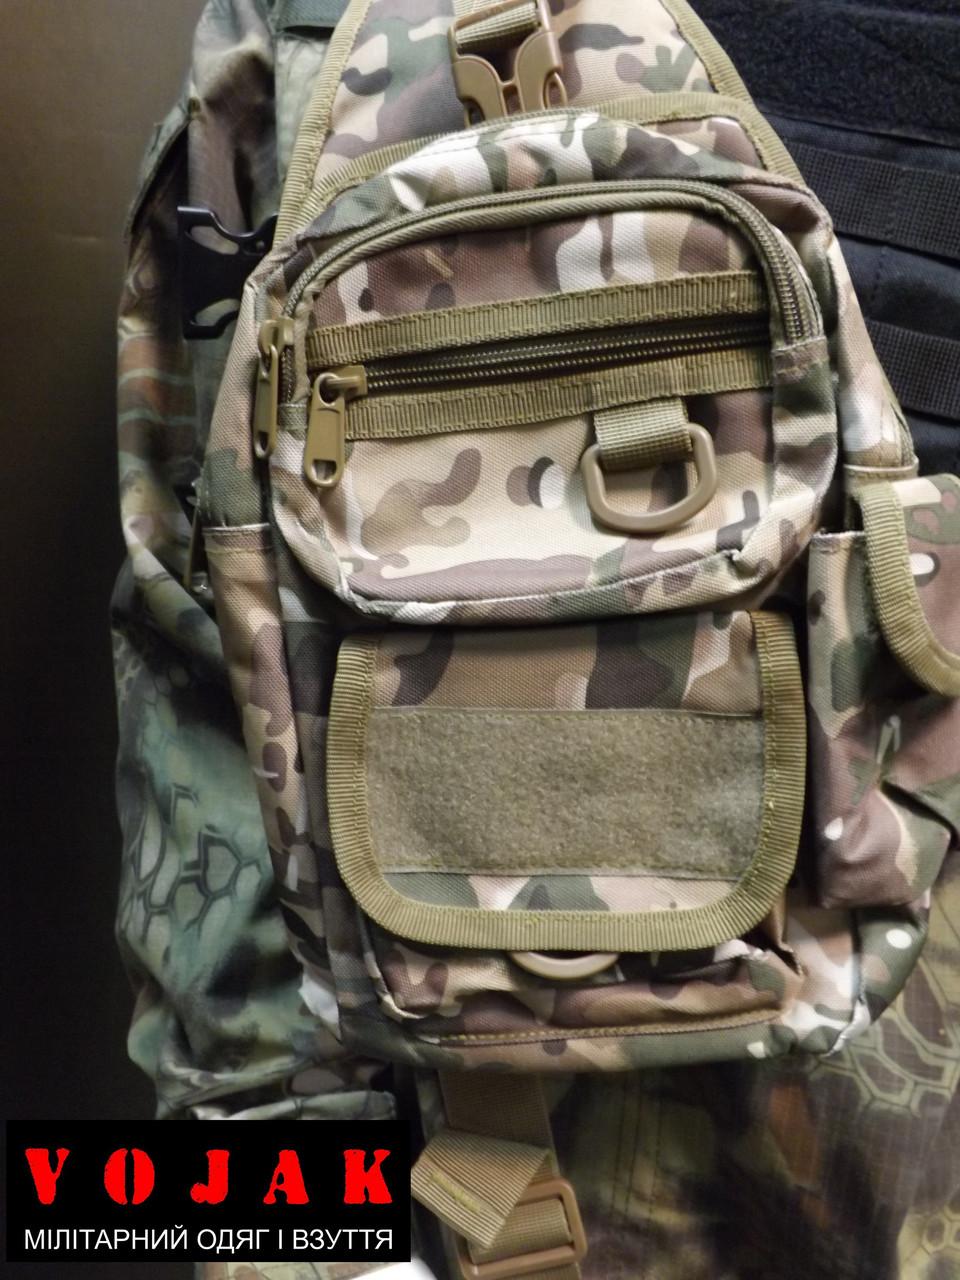 Сумка плечевая для ношения оружия